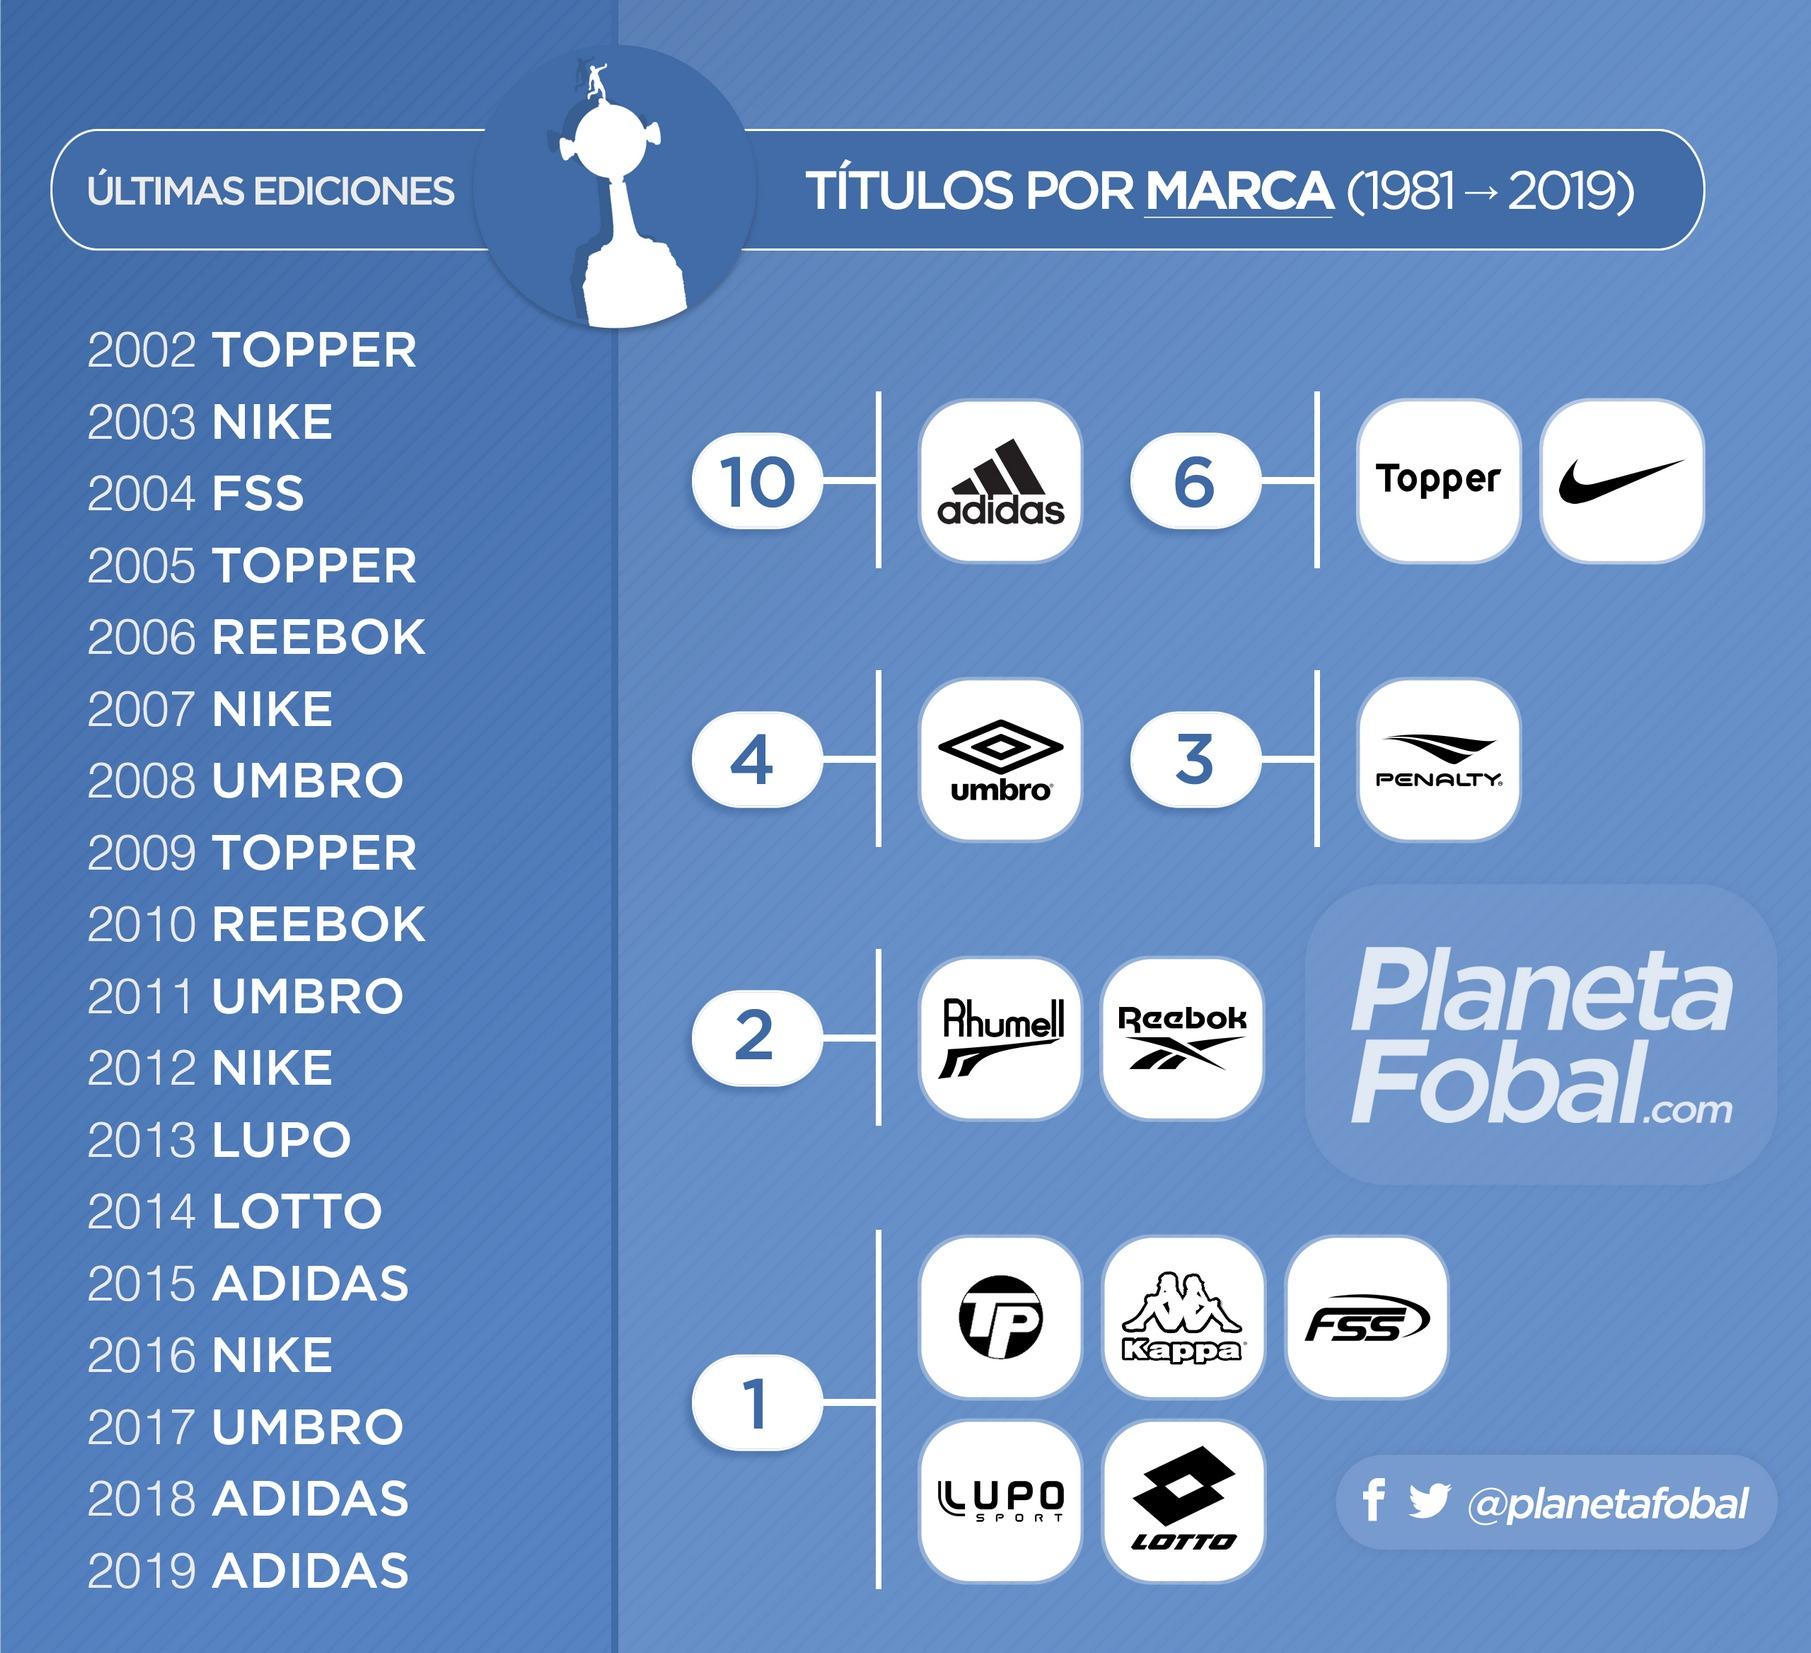 Títulos por marca en la Copa CONMEBOL Libertadores 1980/2019 | @planetafobal